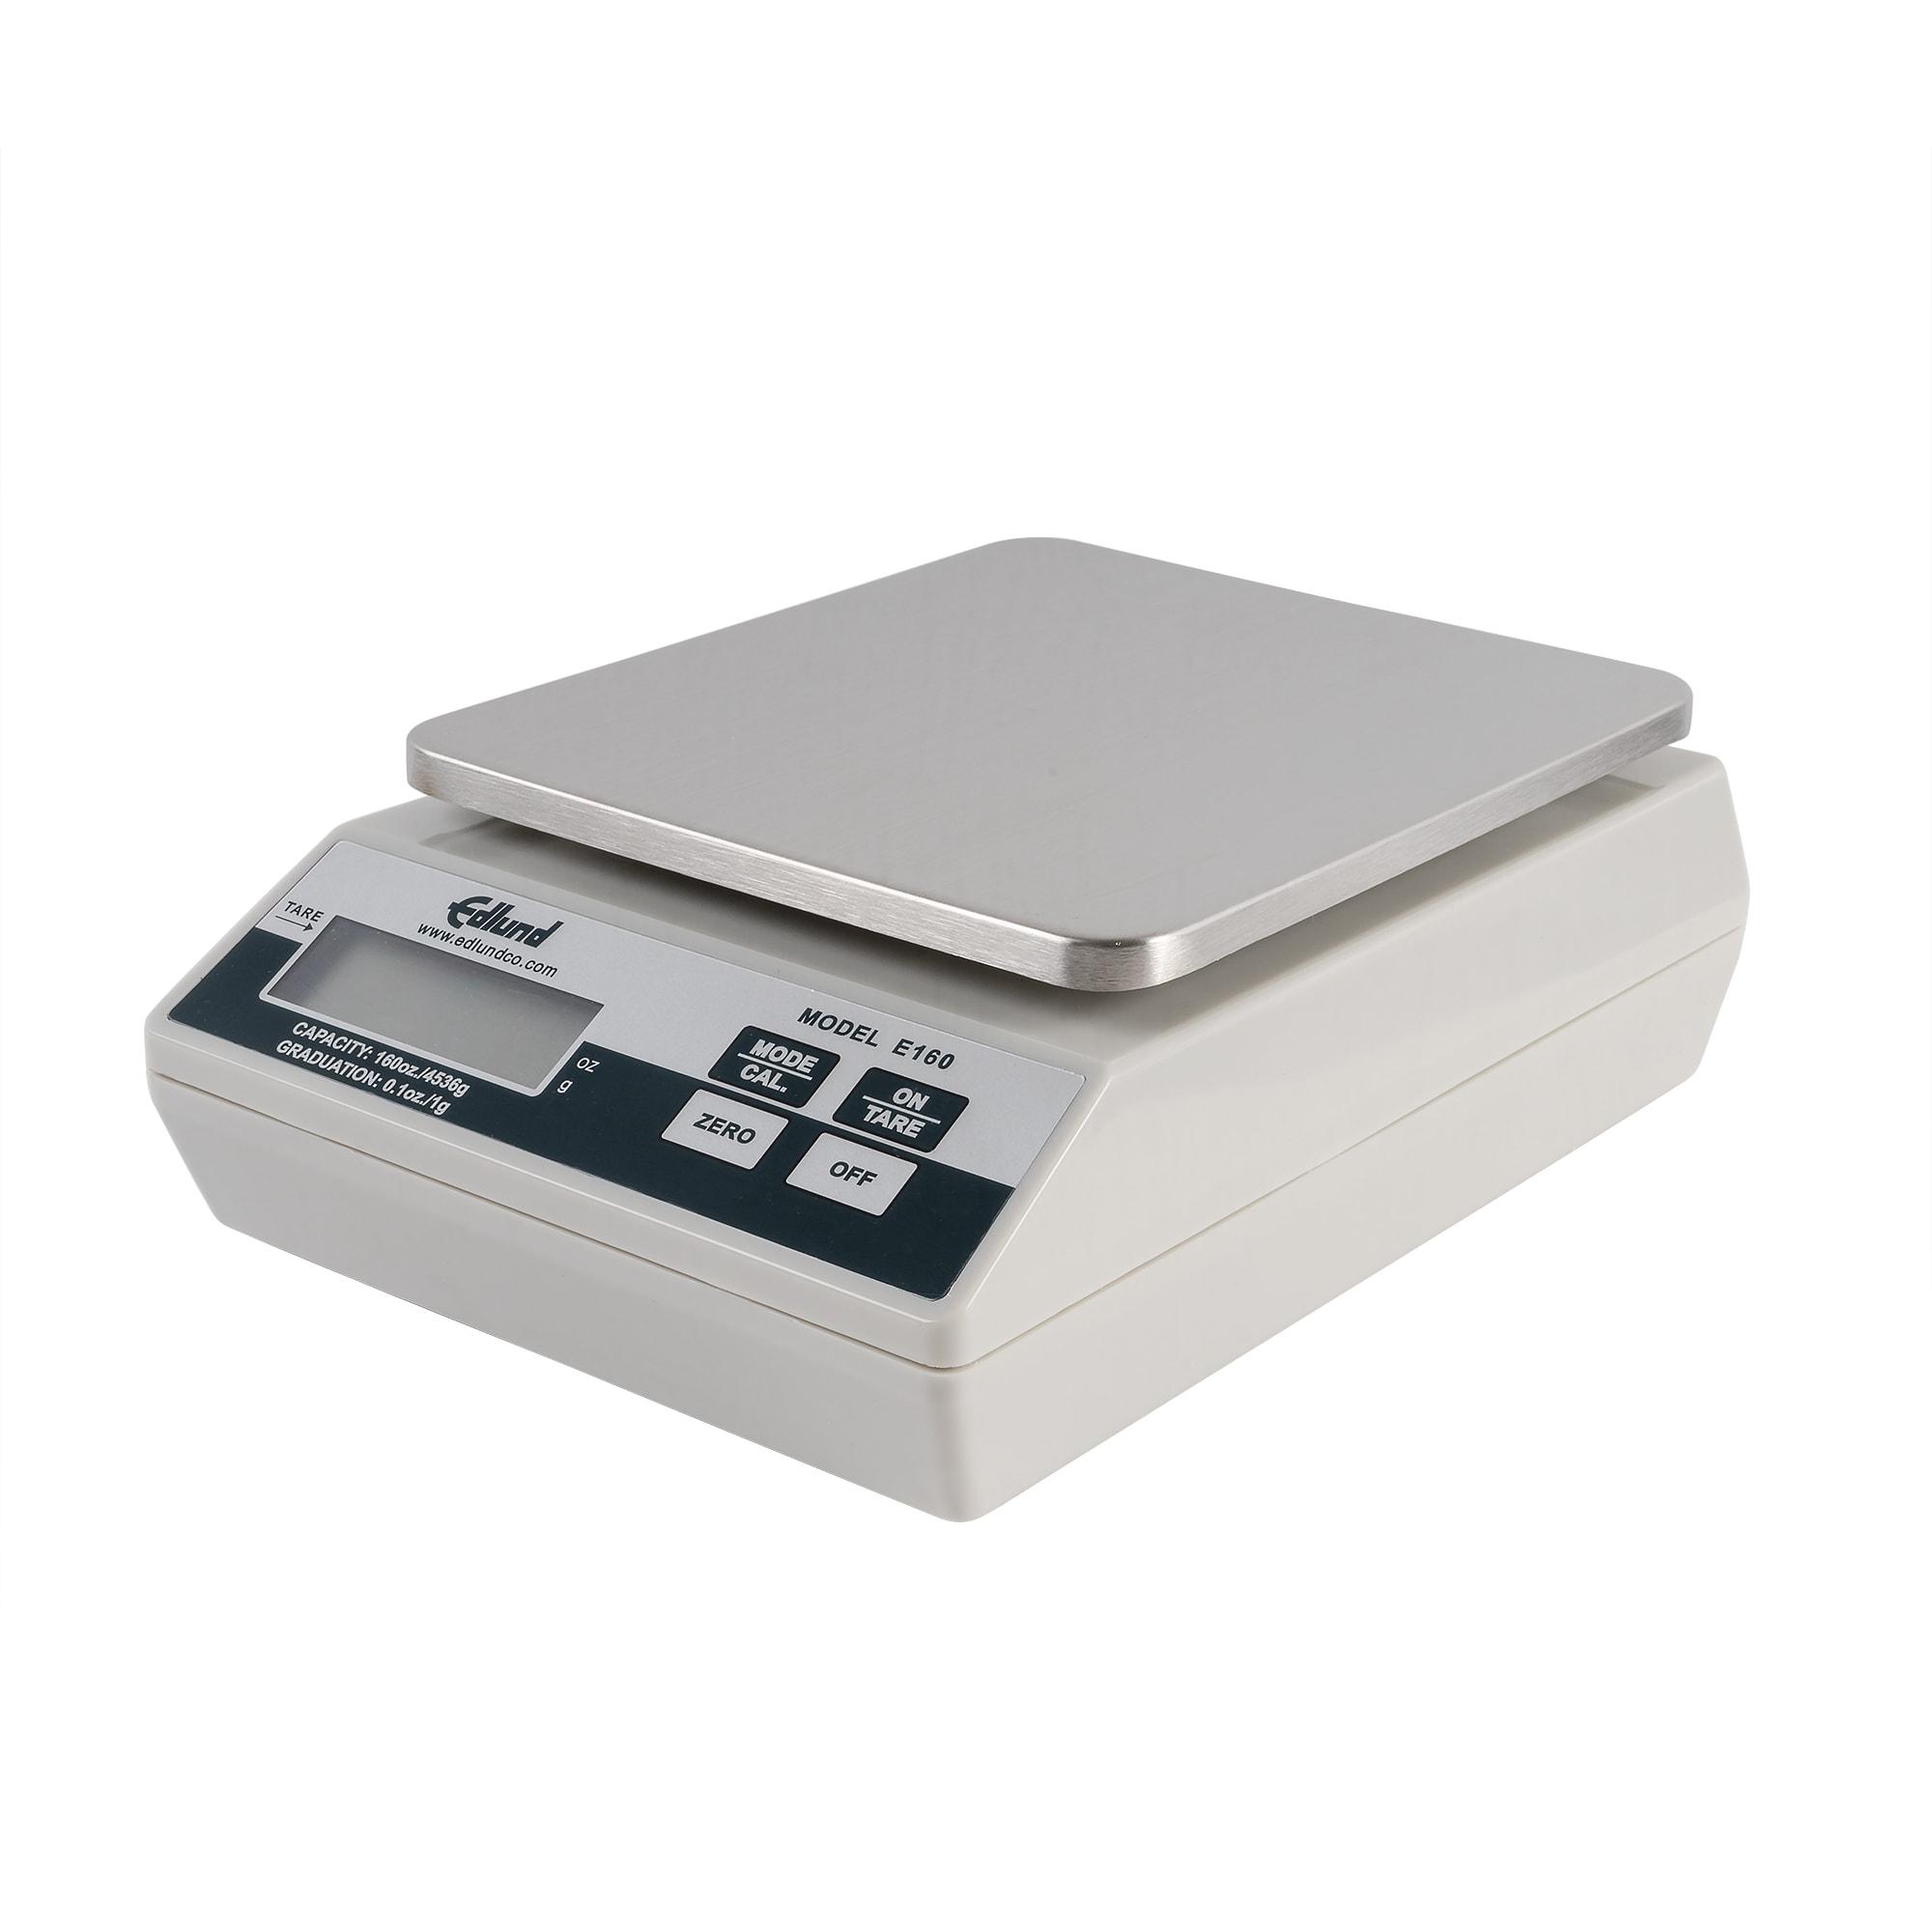 Edlund E-160 Digital Portion Scale, Auto Push Button Tare, 160 oz x 0.1 oz